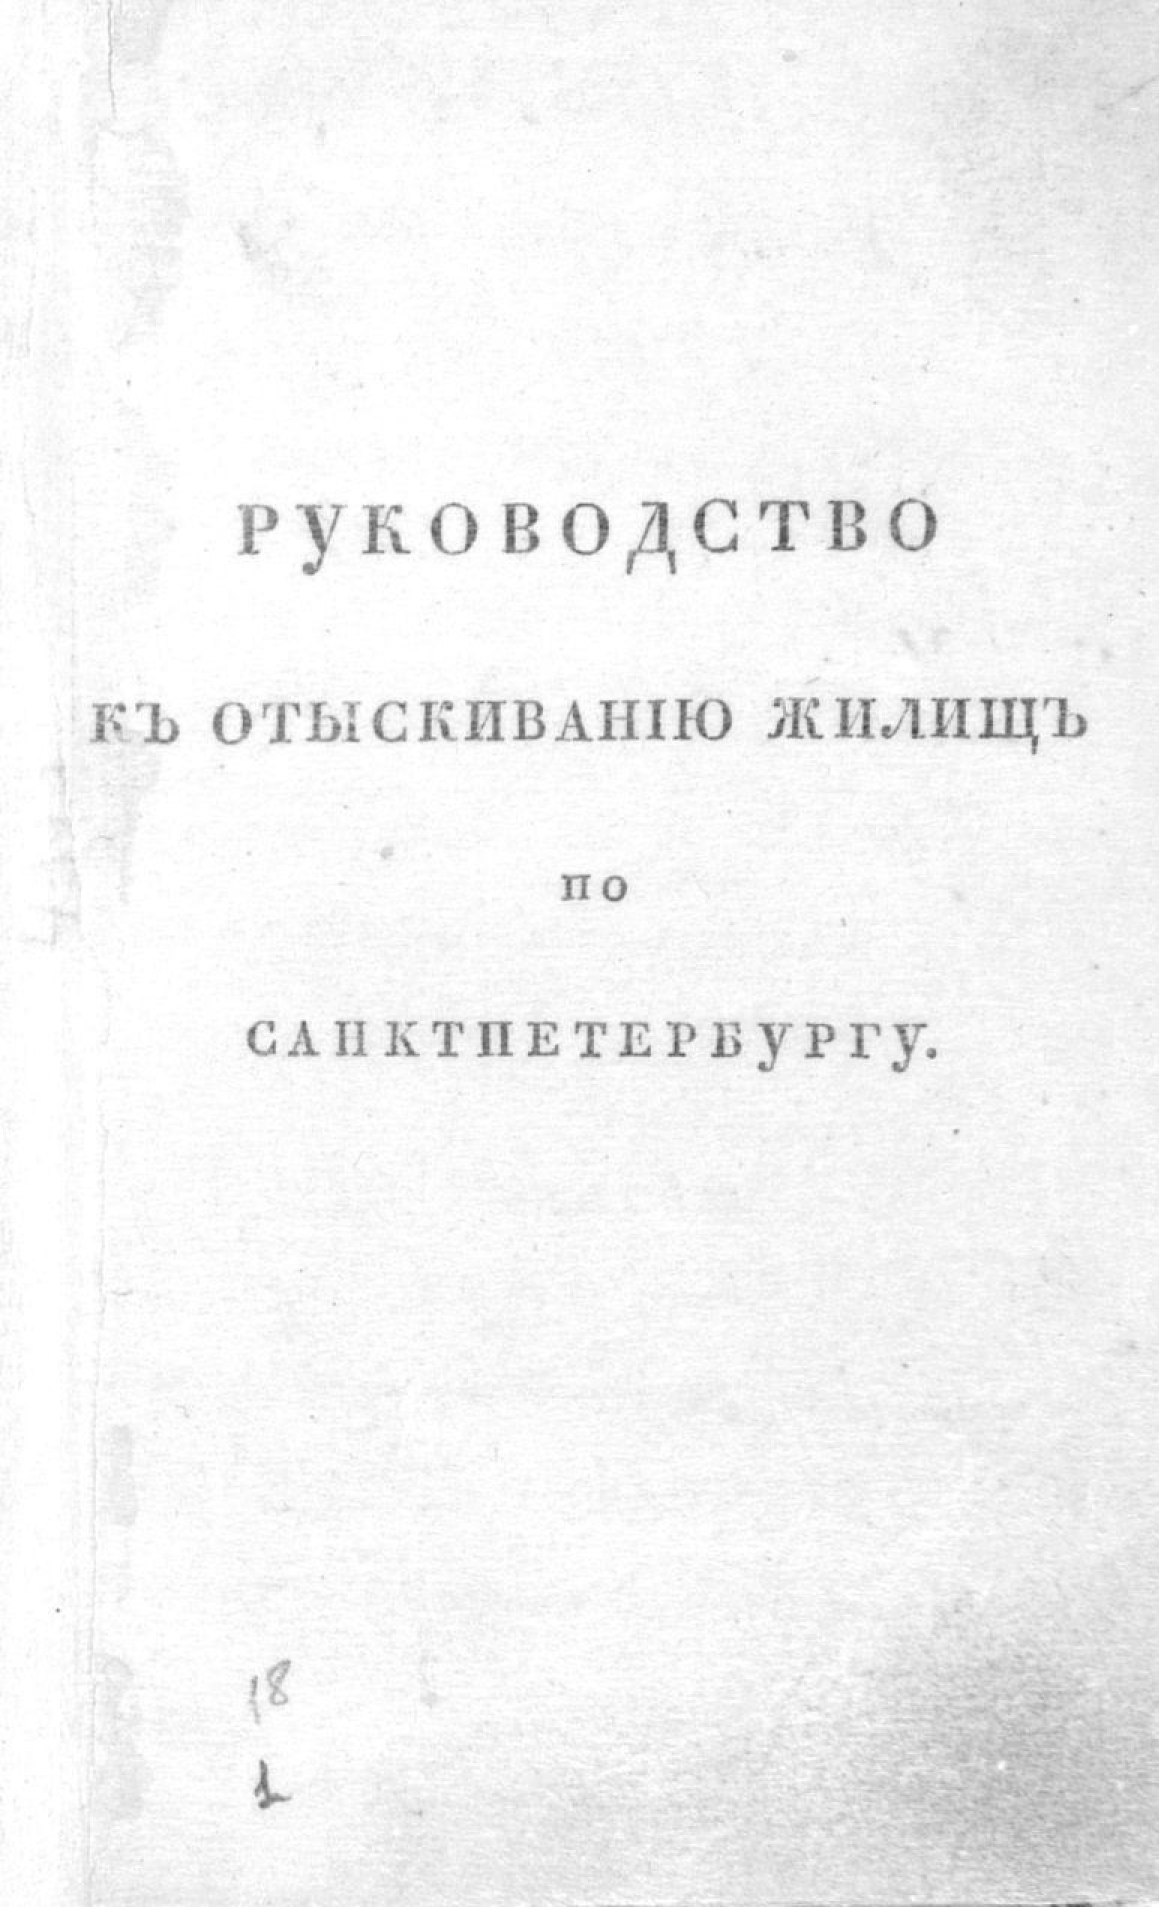 цена на Коллектив авторов Руководство к отыскиванию жилищ по Санкт-Петербургу, или Прибавление к адресной книге